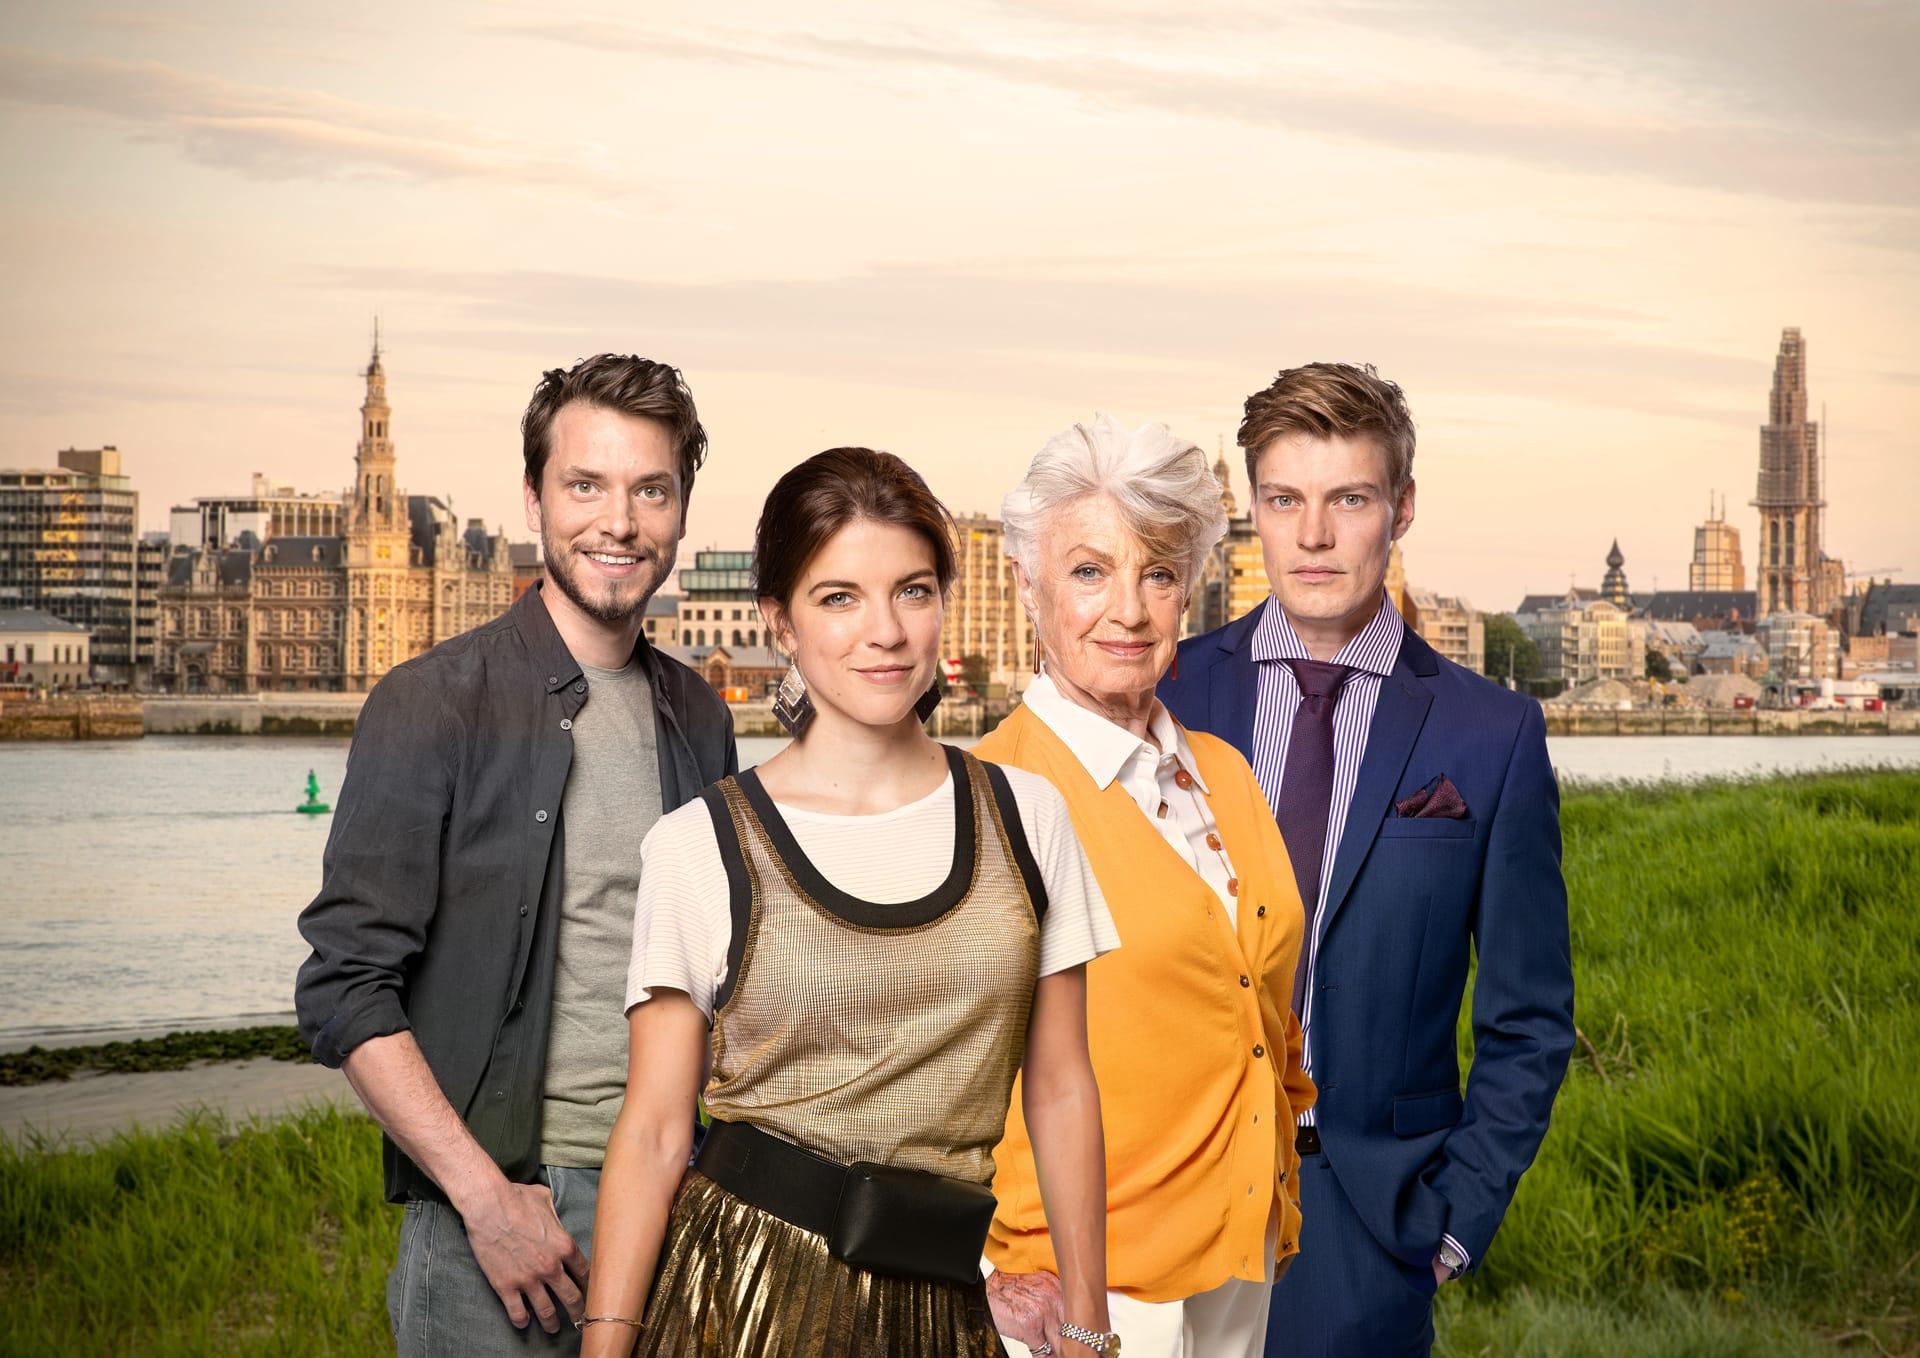 """Liebesfilm: """"Ein Sommer in Antwerpen"""" am 25.04. ab 20:15 Uhr im ZDF!"""